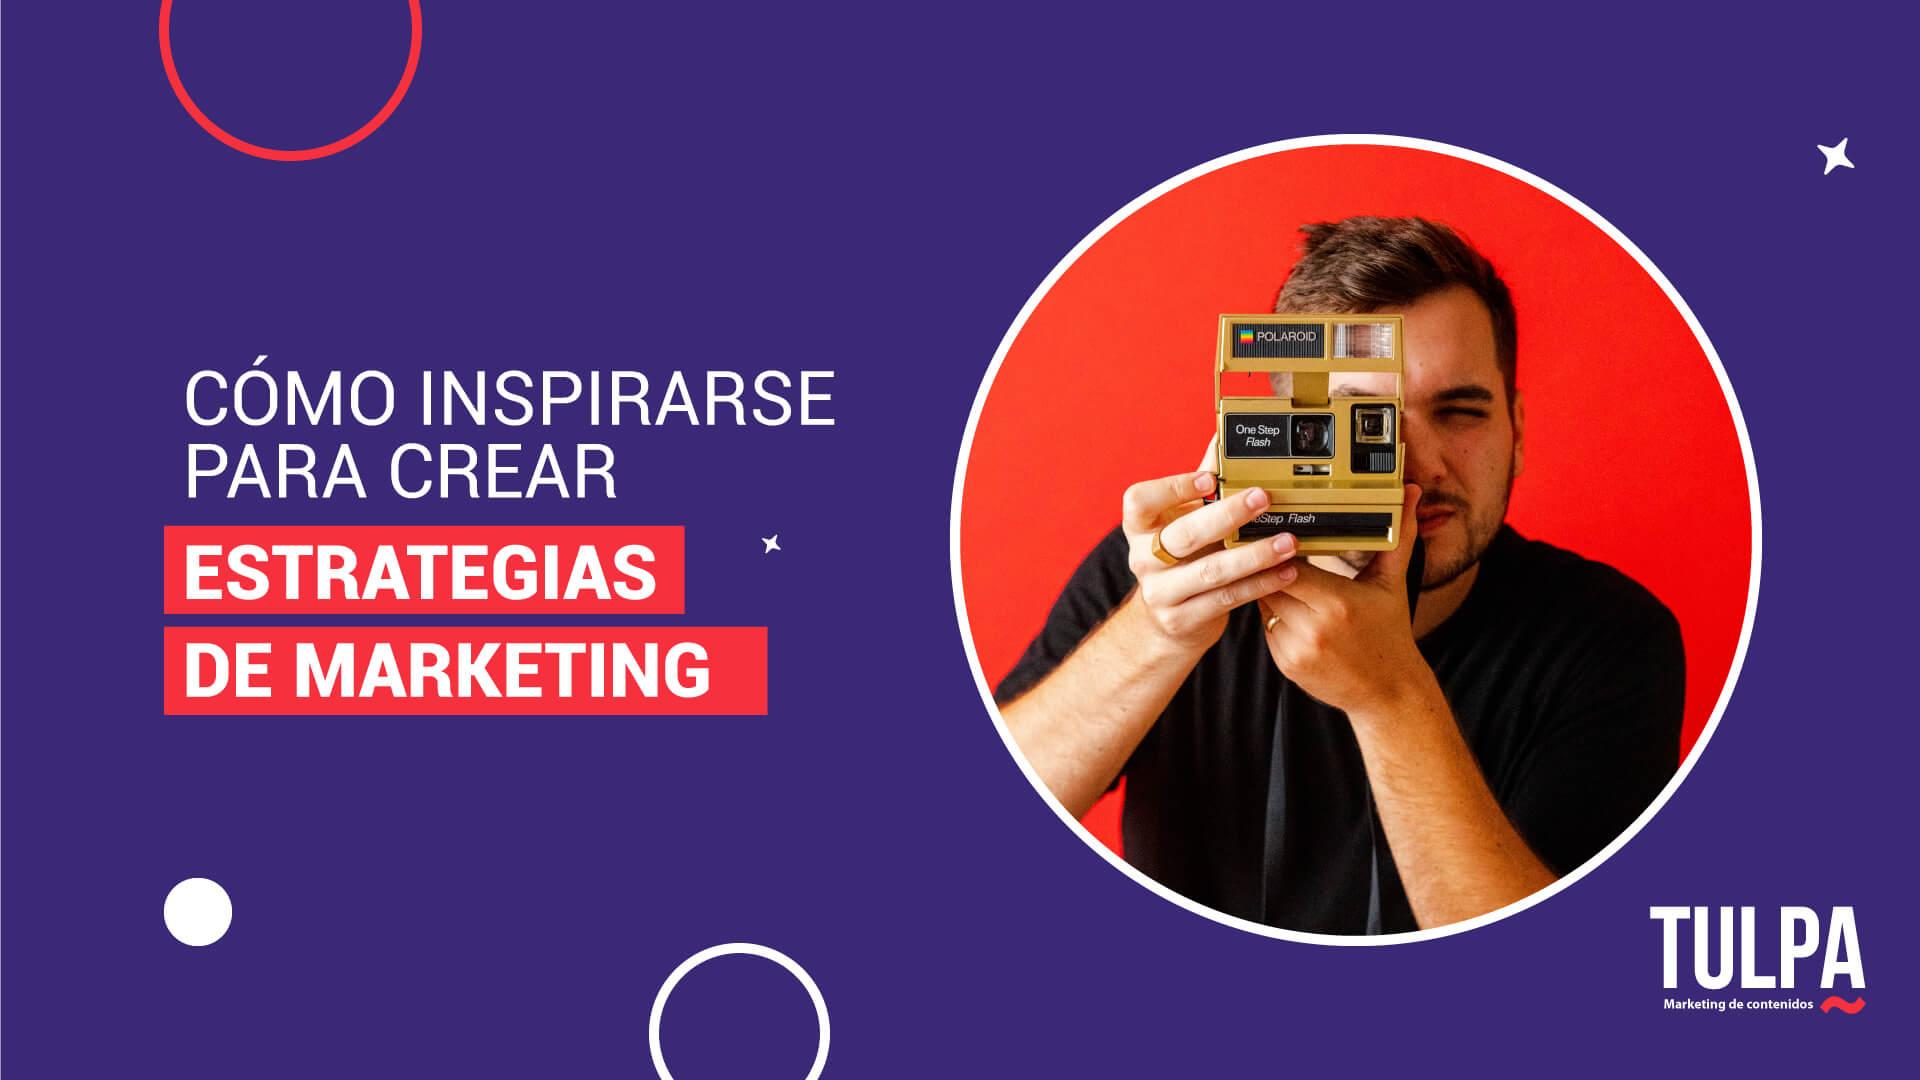 Cómo inspirarse para crear estrategias de marketing.